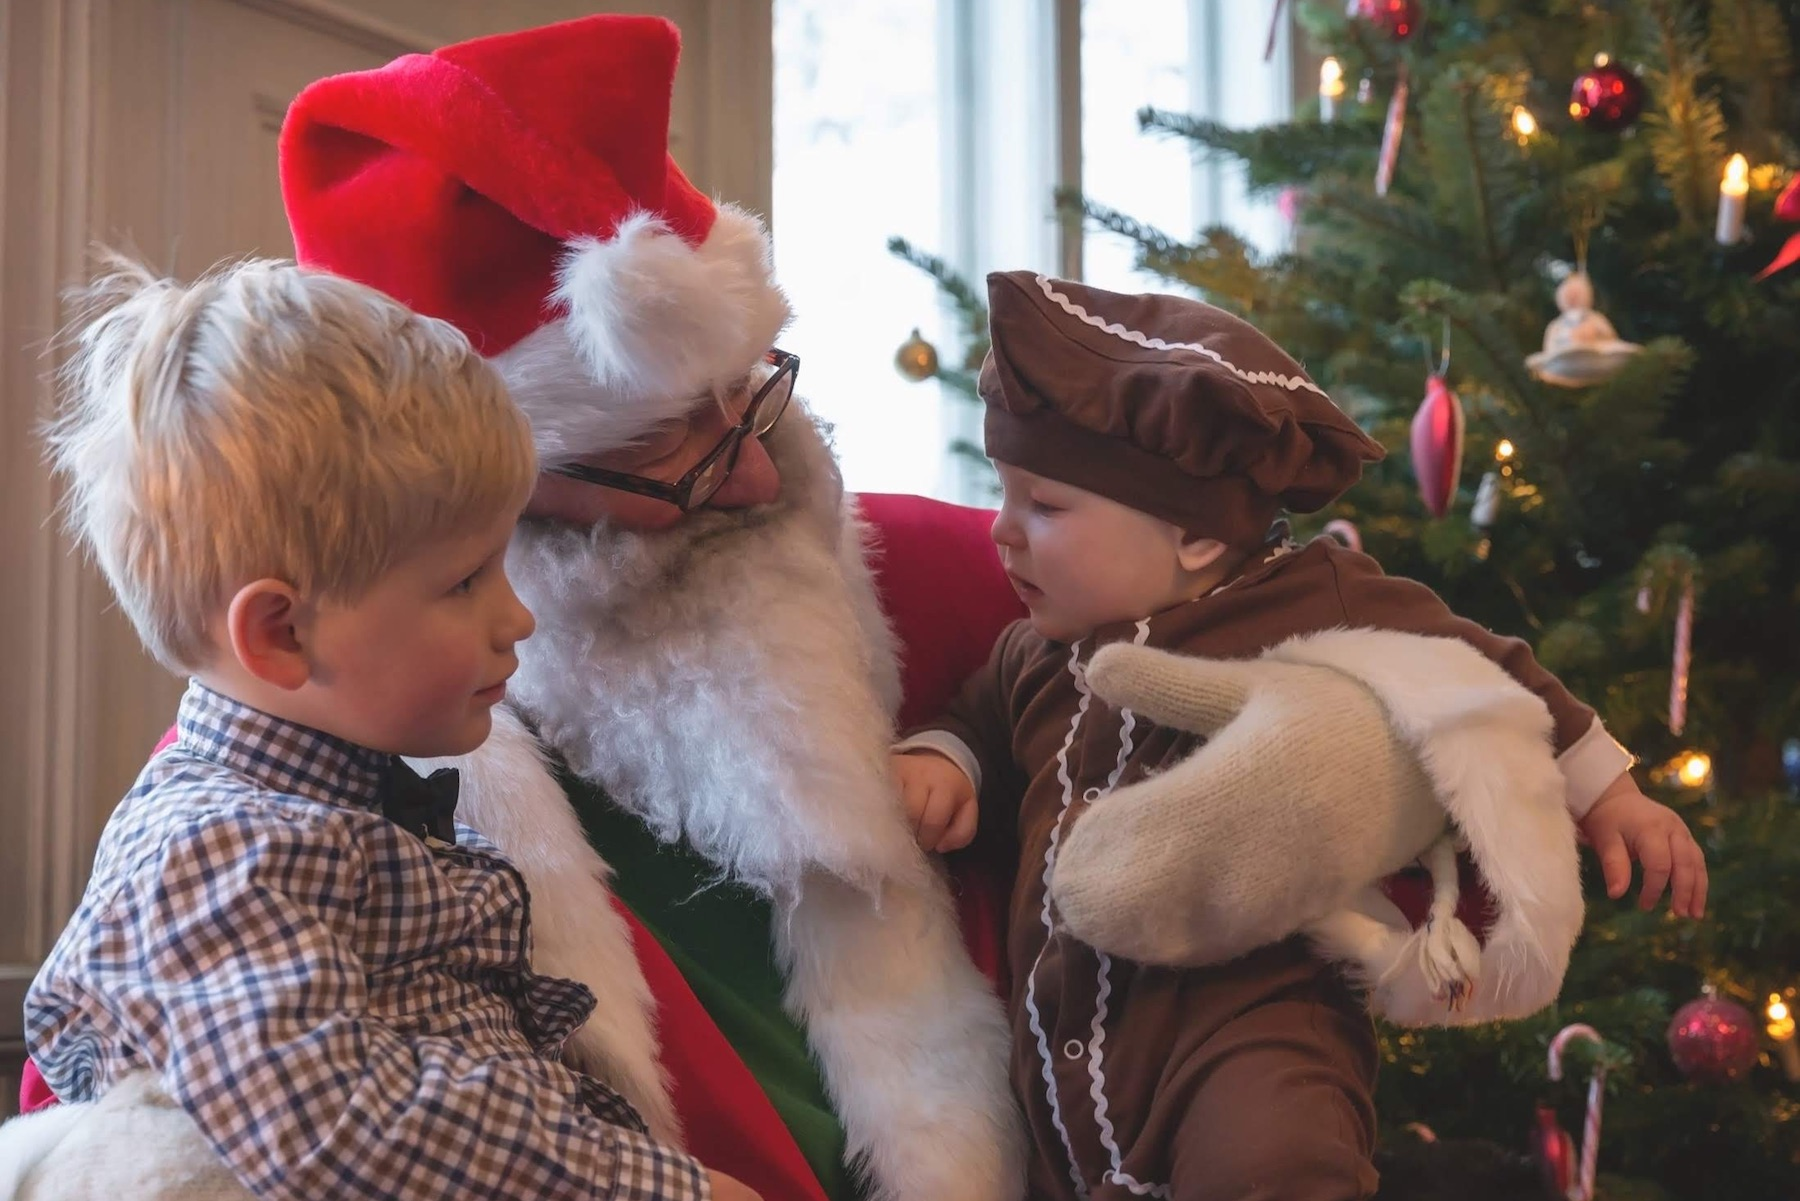 スカニアの母国スウェーデンでのクリスマスまでの過ごし方、伝統的なデコレーションや料理をご紹介!